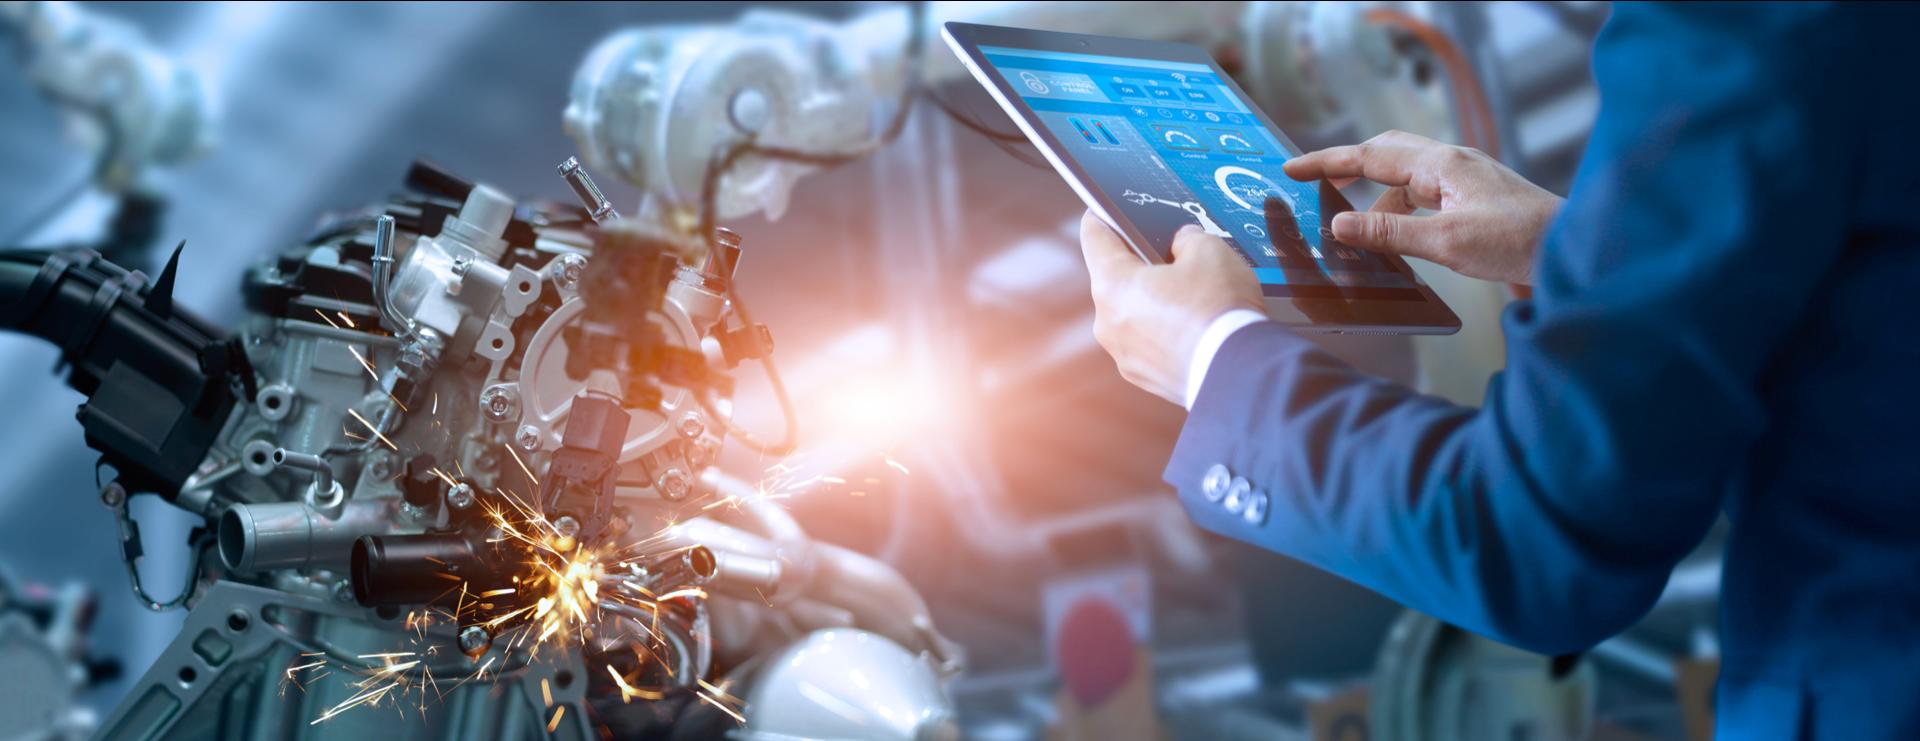 L'intelligenza artificiale per la manifattura del futuro